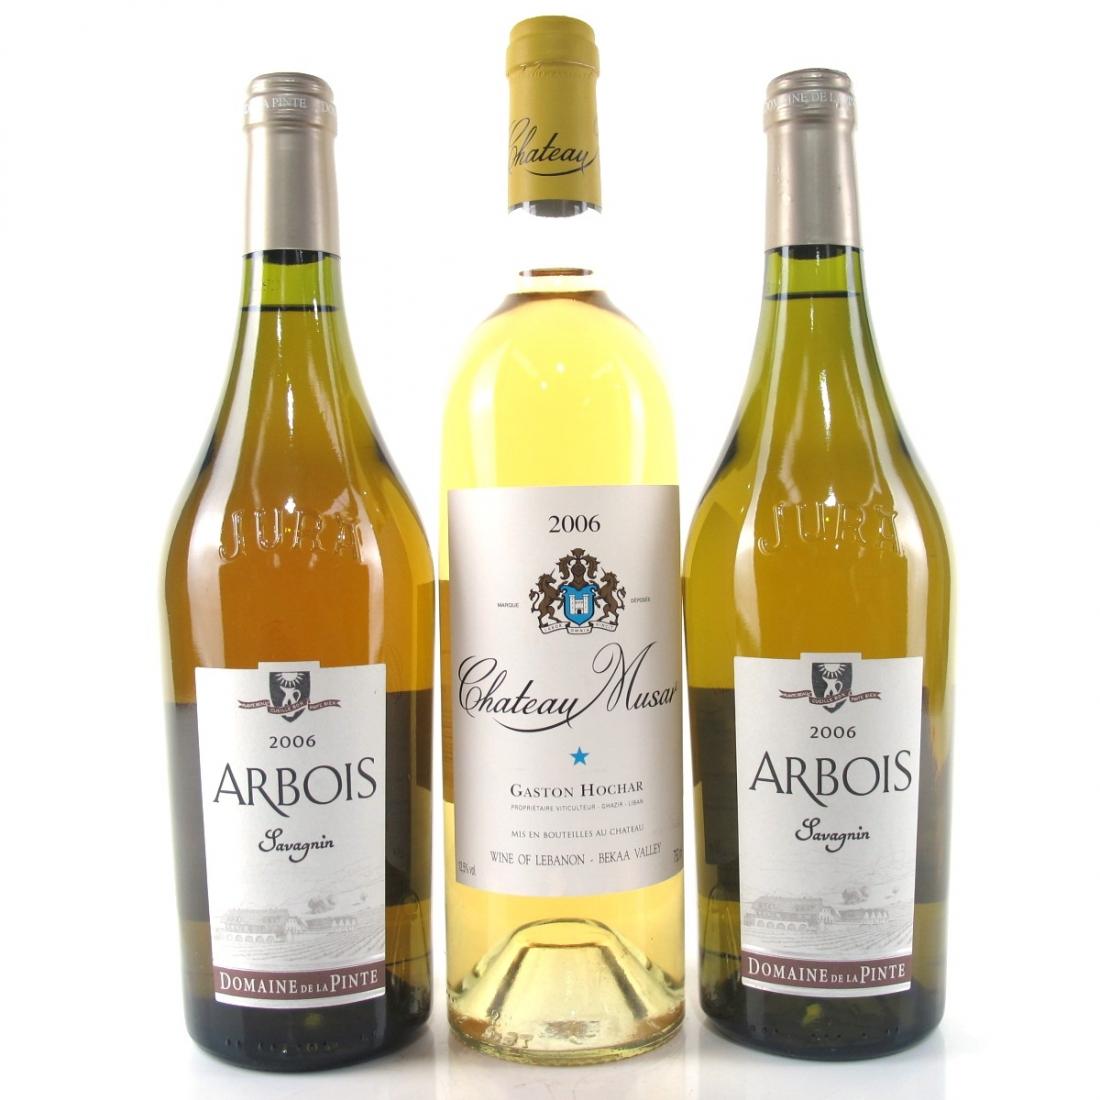 Ch. Musar Blanc 2006 Bekaa & Dom. De La Pinte Savagnin 2006 Arbois 3x75cl